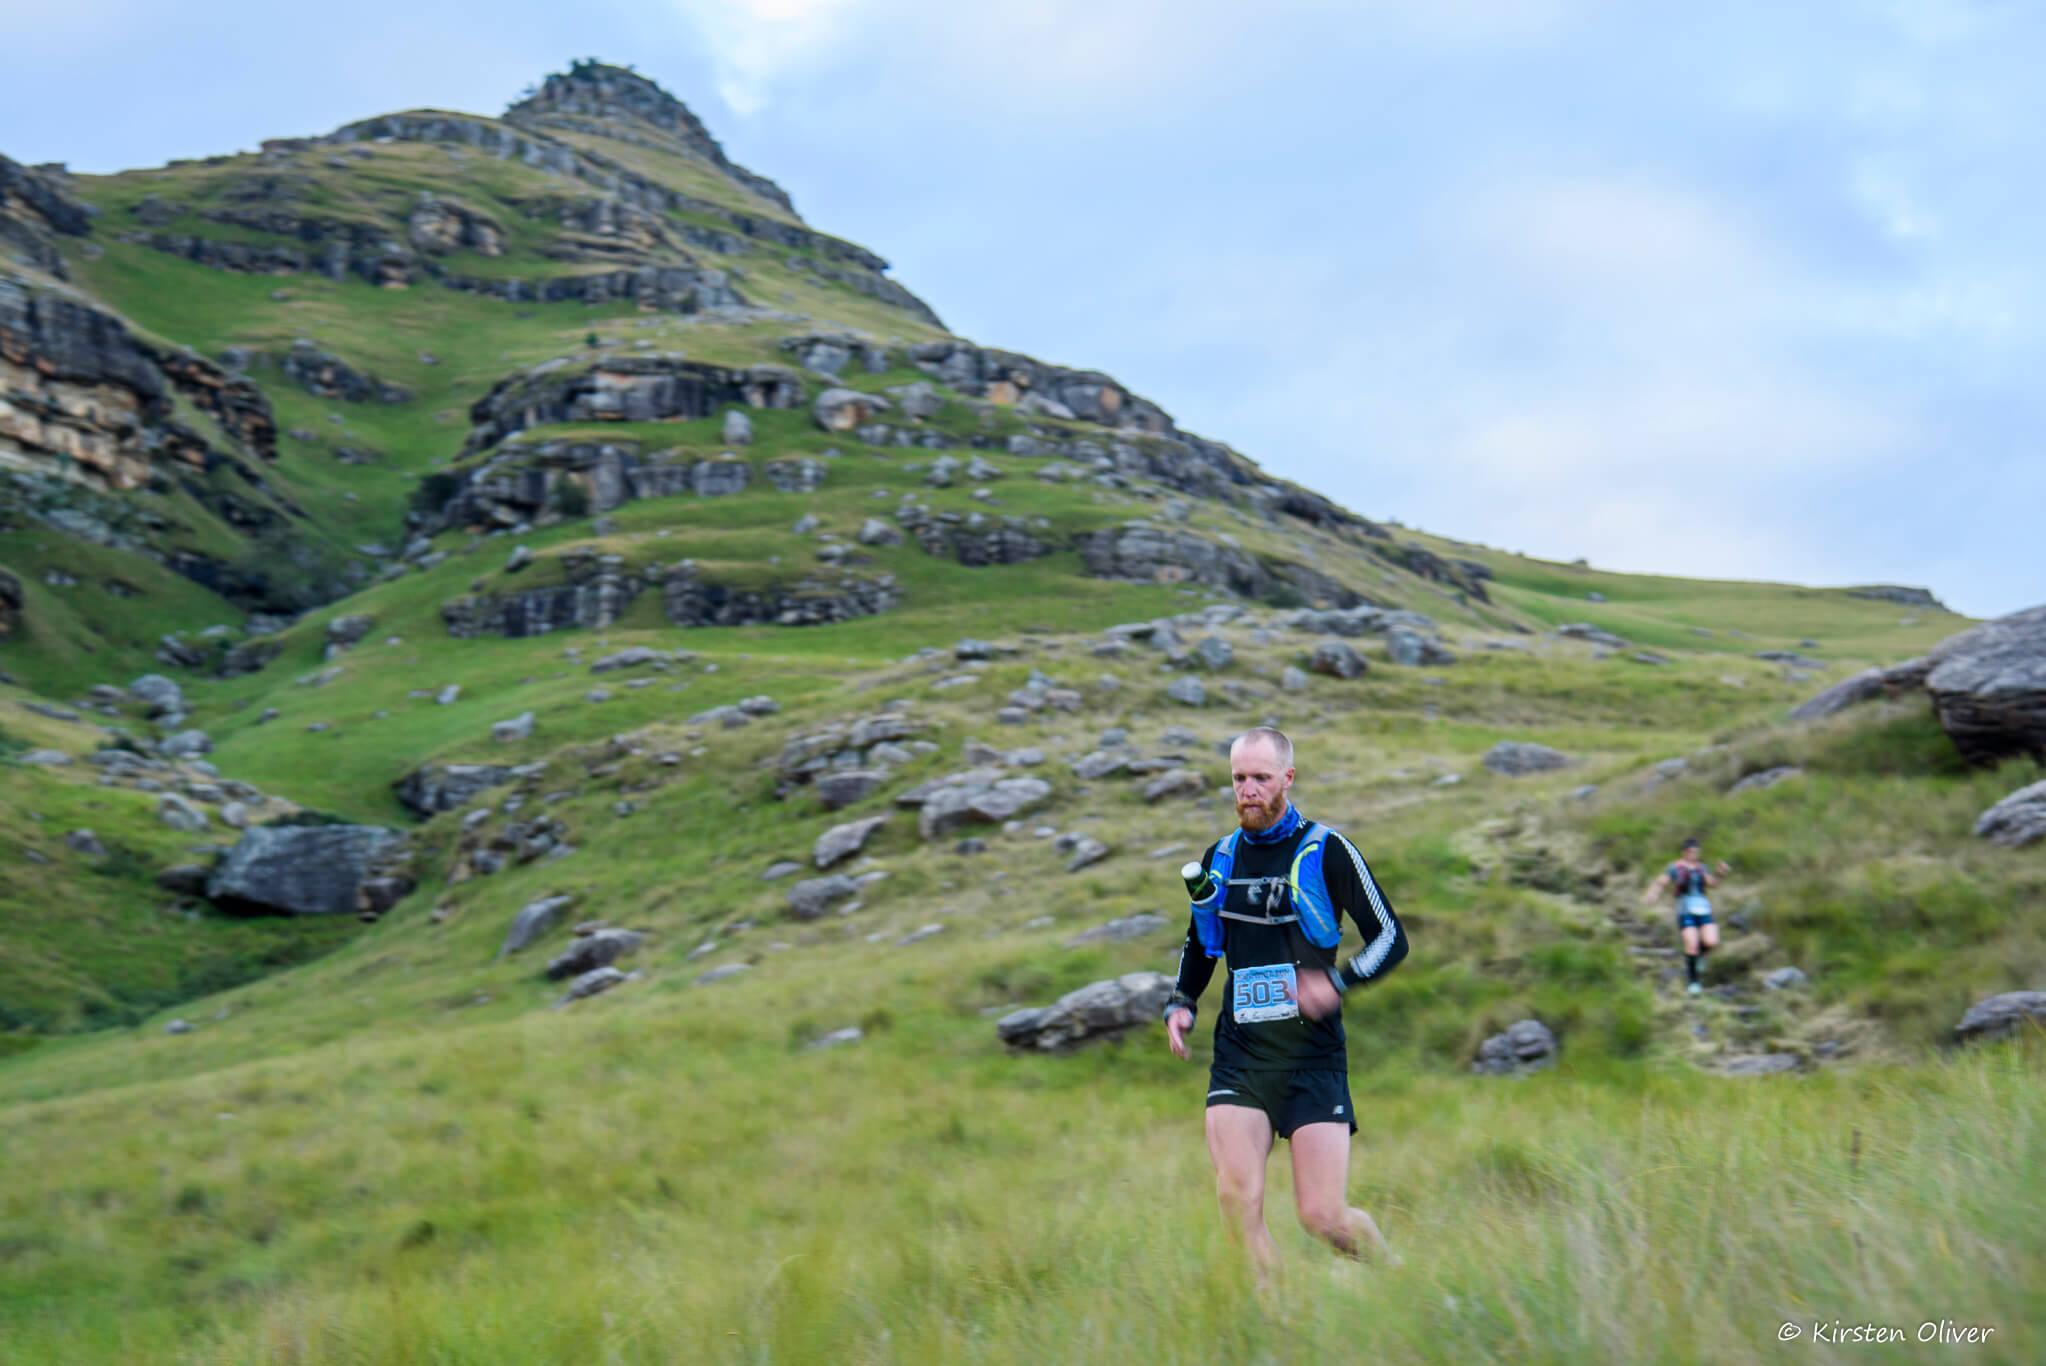 Ultra_Trail_Drakensberg_32km_2.JPG